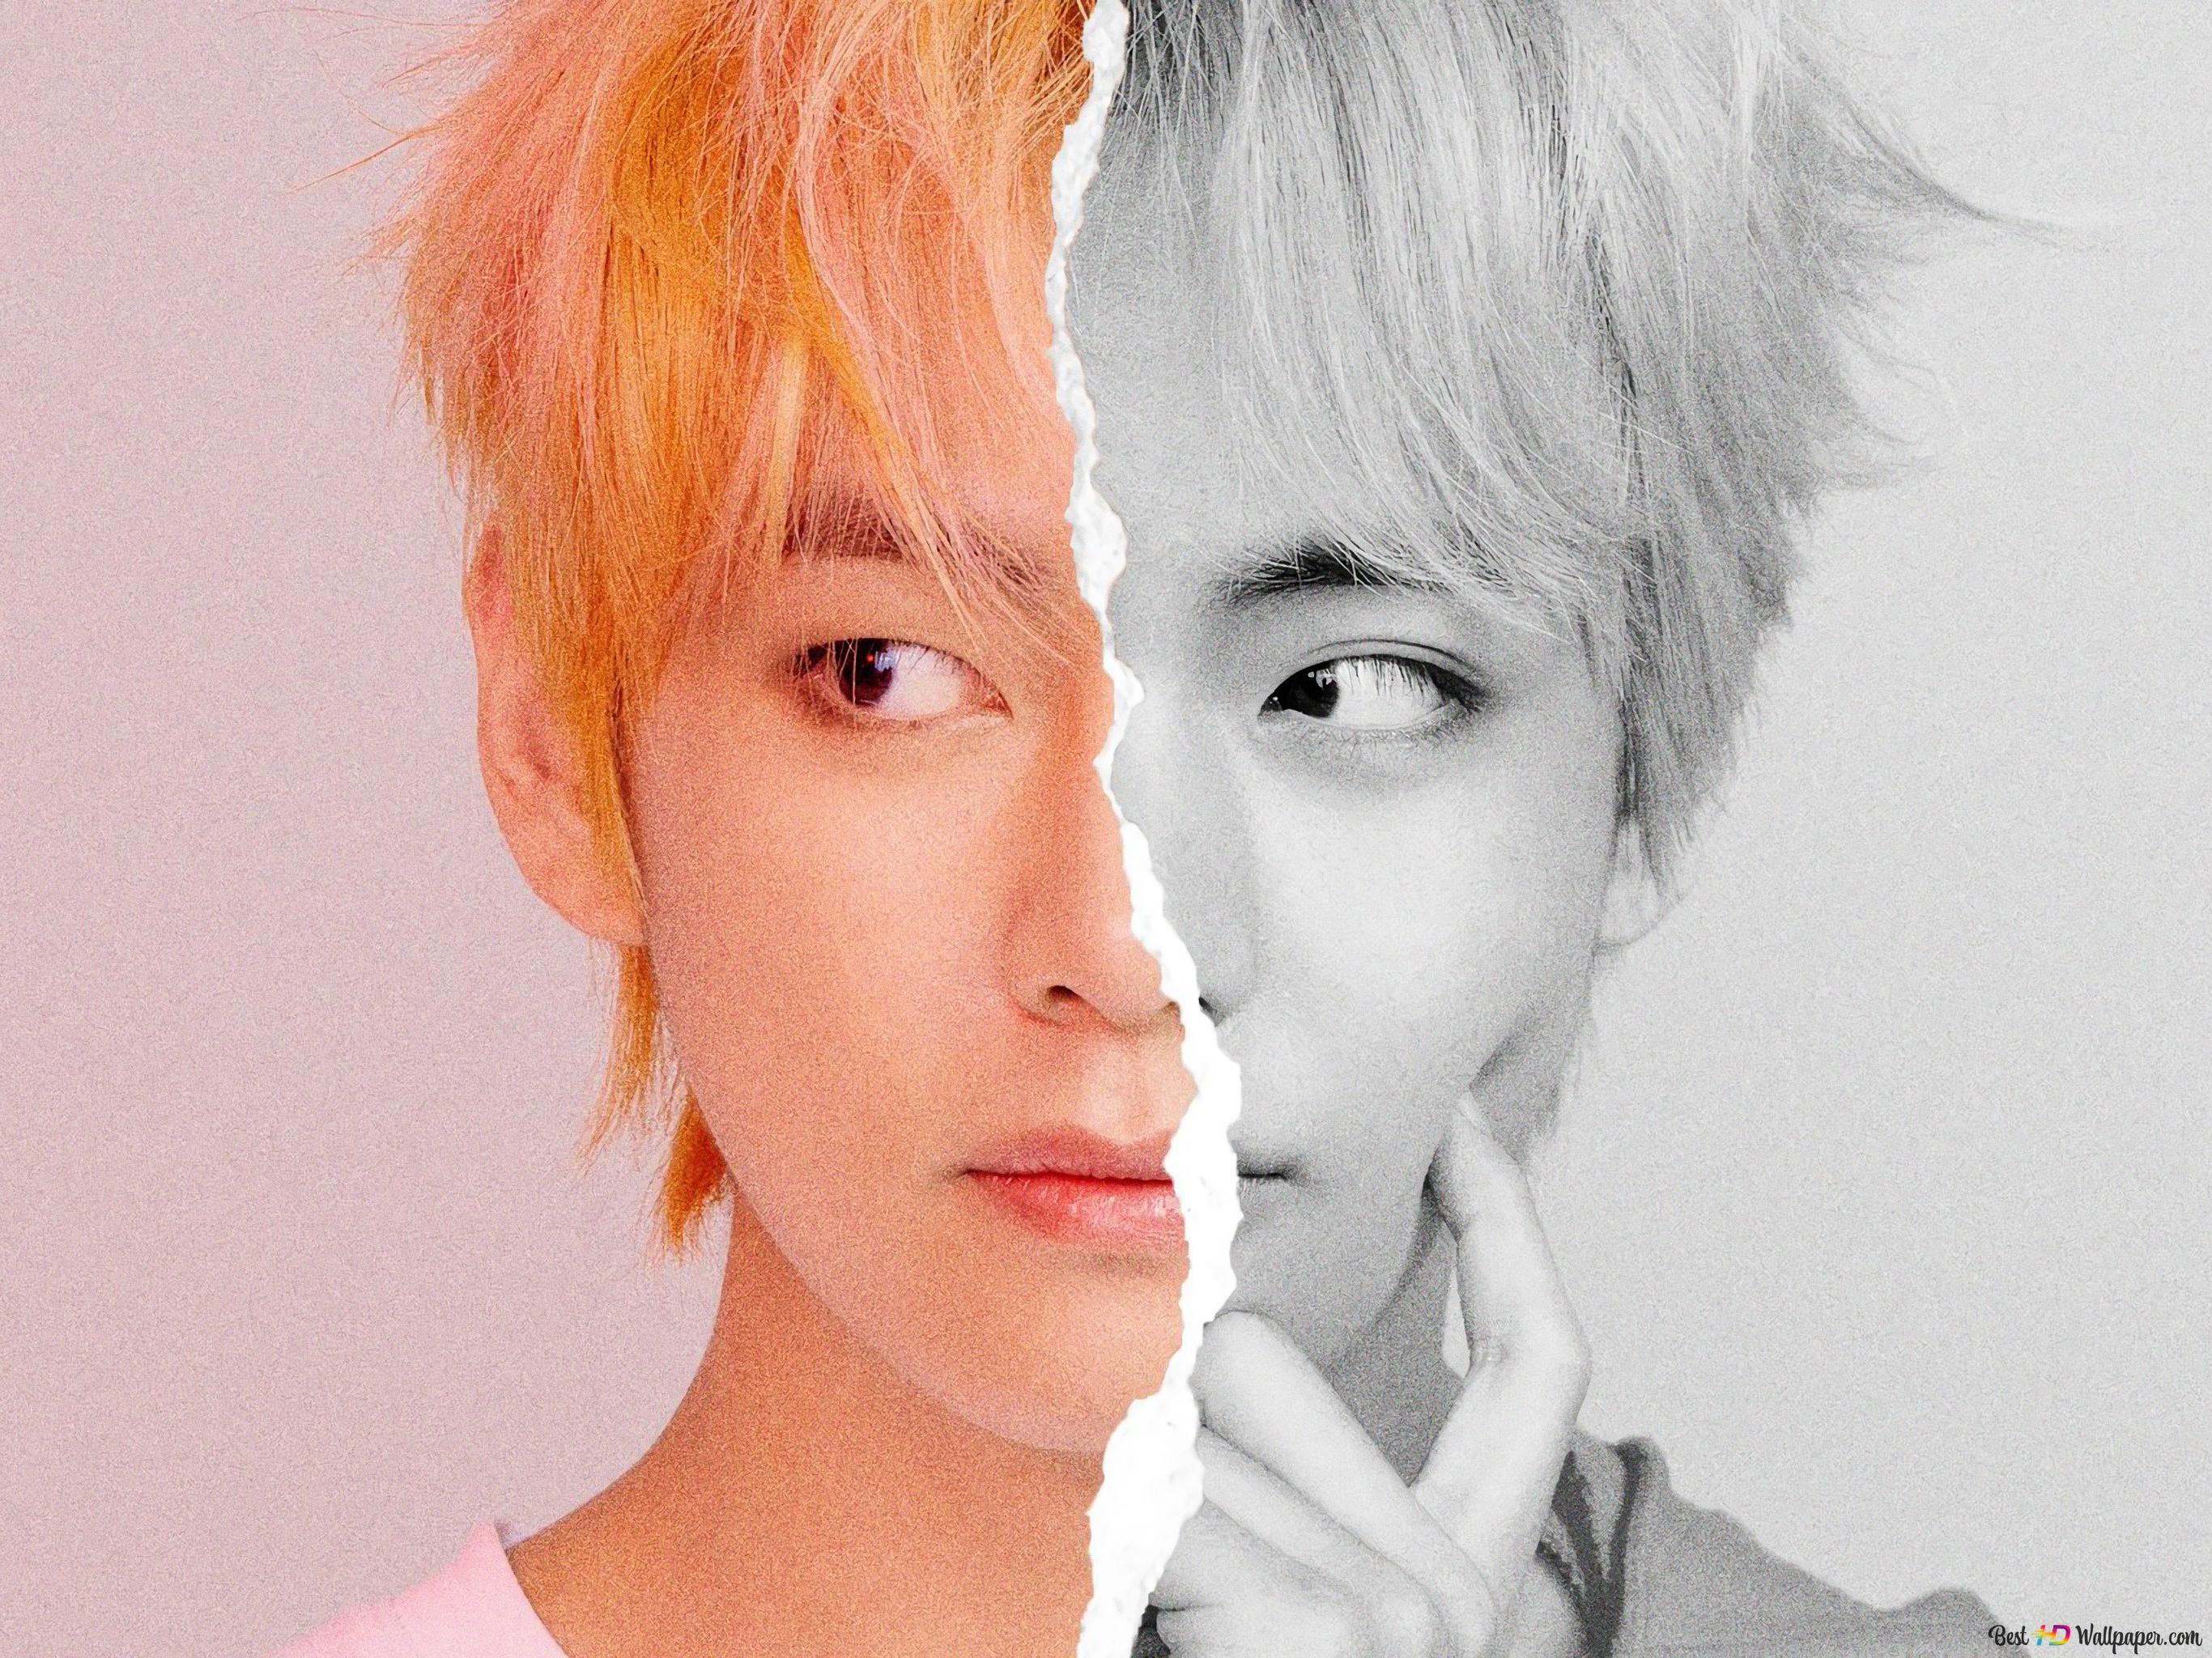 k pop band bts idol v kim tae hyung wallpaper 2732x2048 53628 172